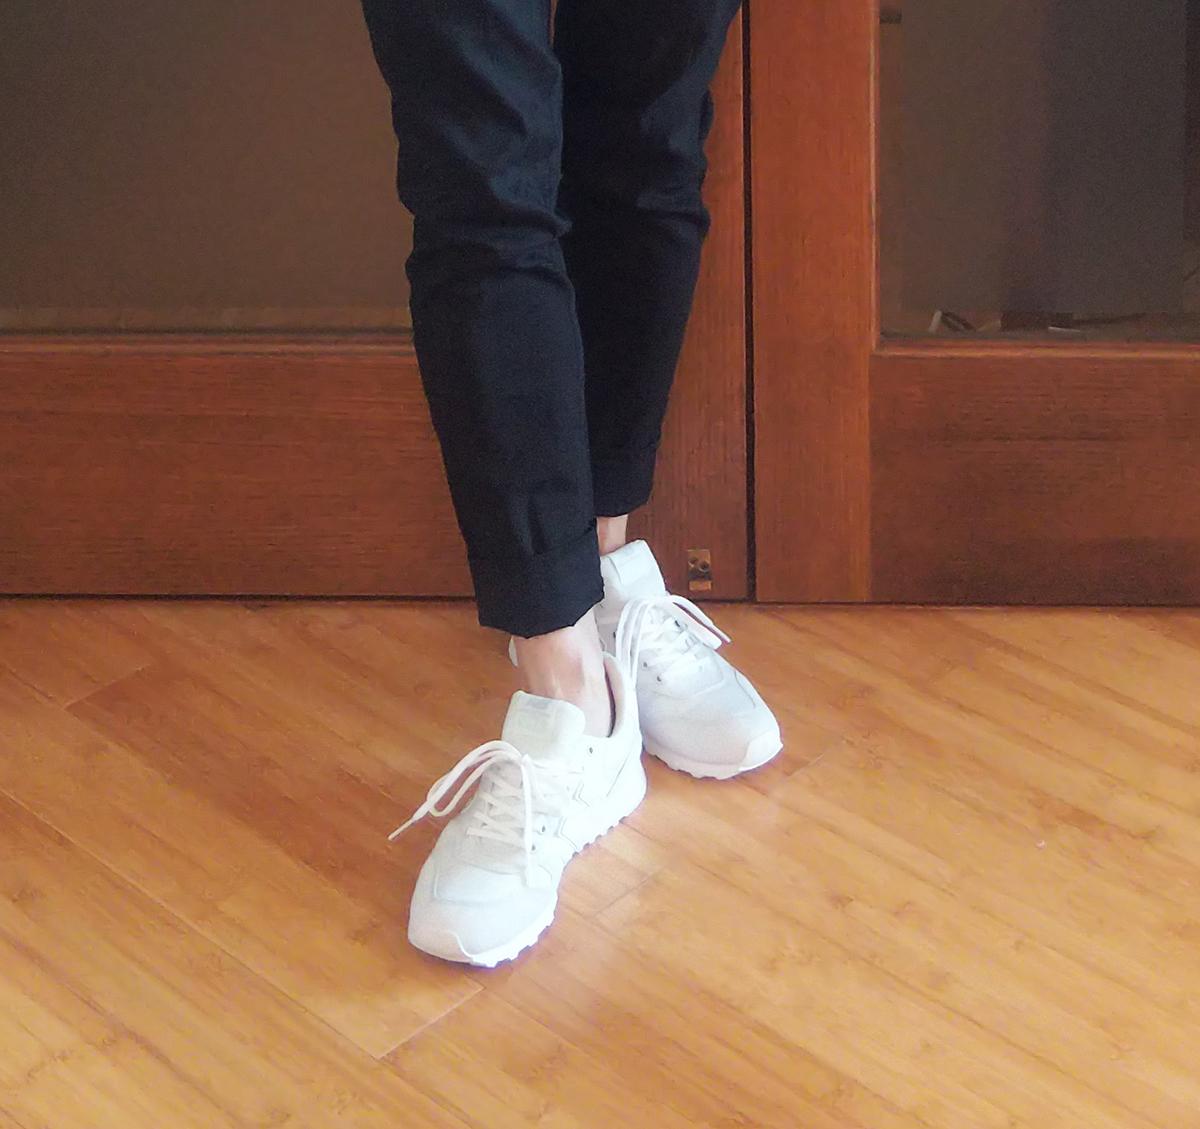 靴下は履かない